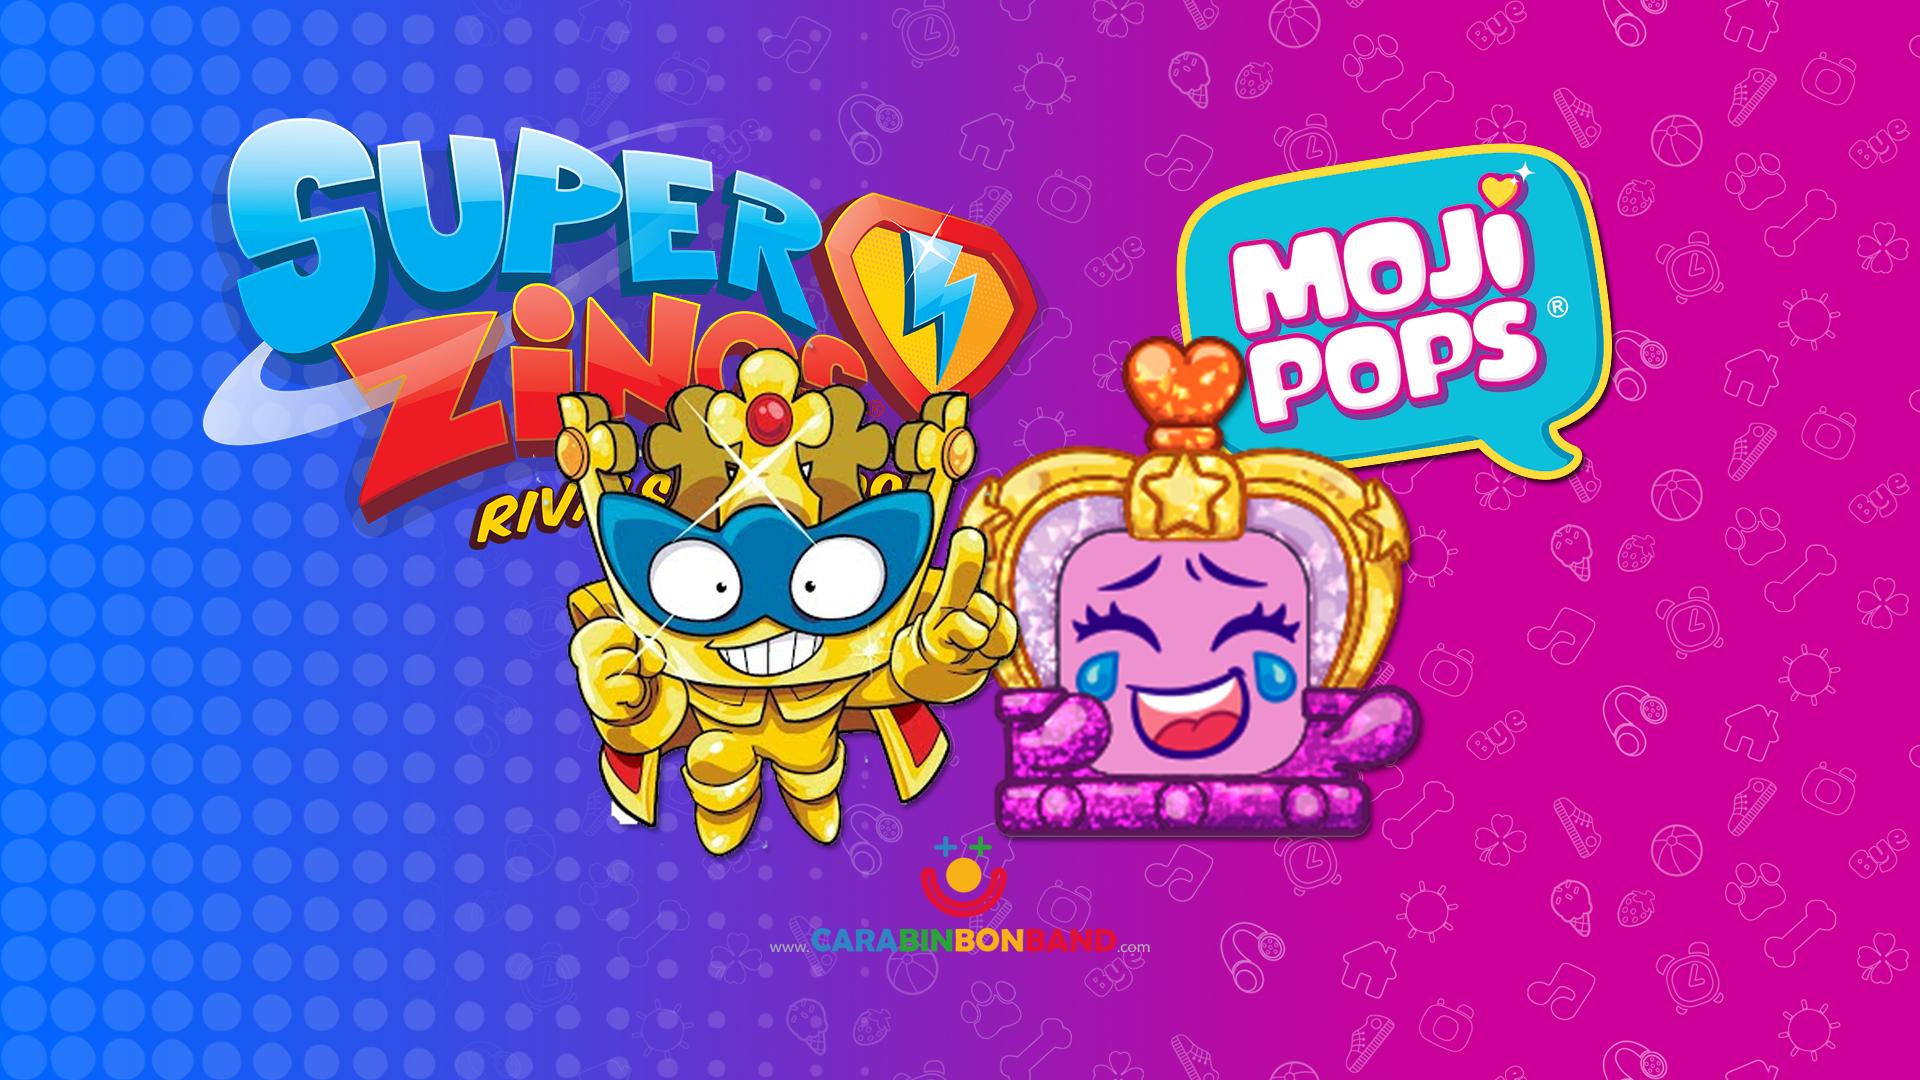 Comparando MOJIPOPS Serie 2 y SUPERZINGS - Mismos personajes